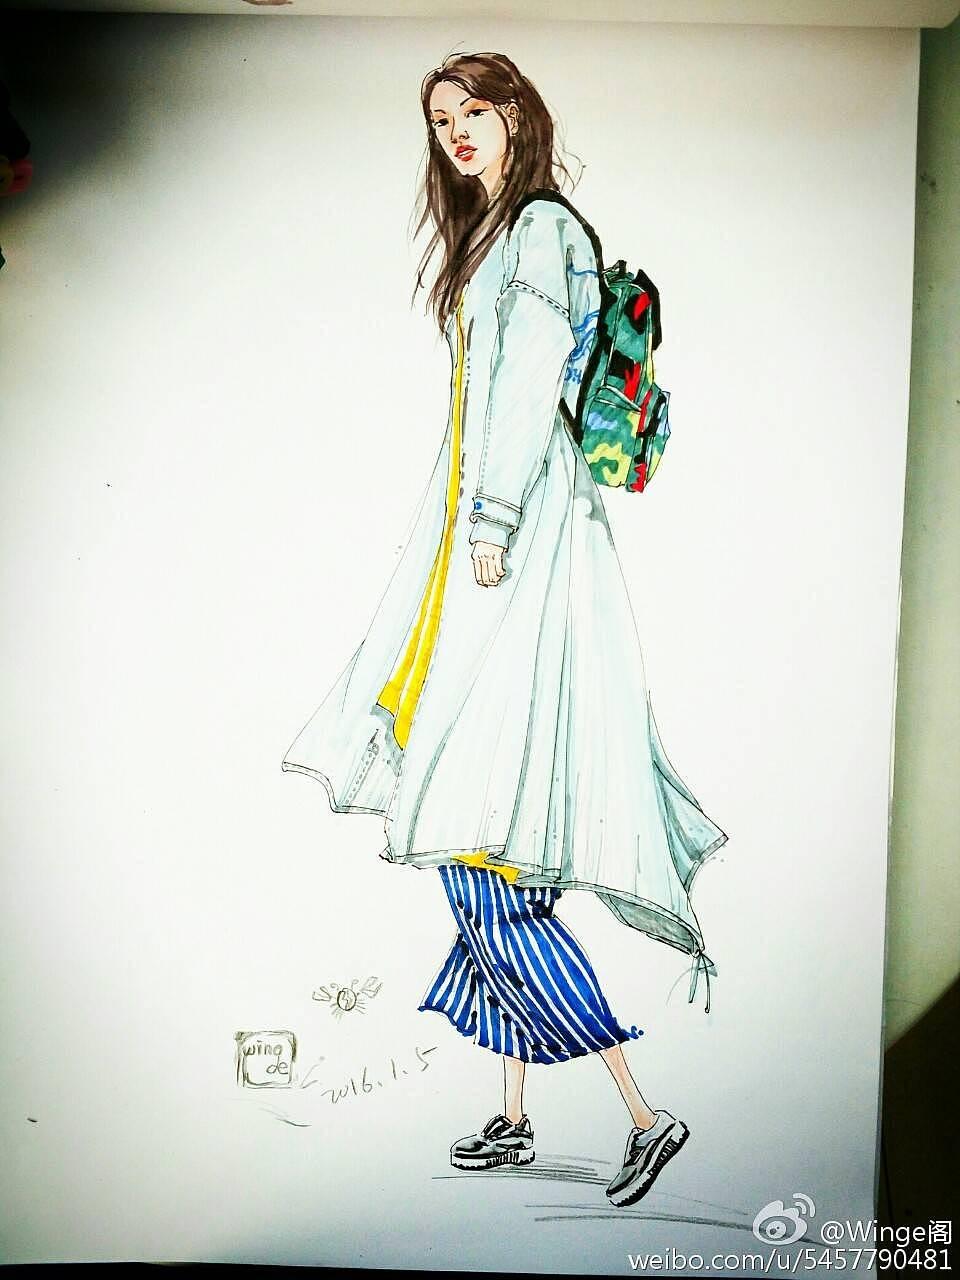 服装效果图手绘图片_手绘服装效果图 服装 其他服装 winge阁 - 原创作品 - 站酷 (ZCOOL)